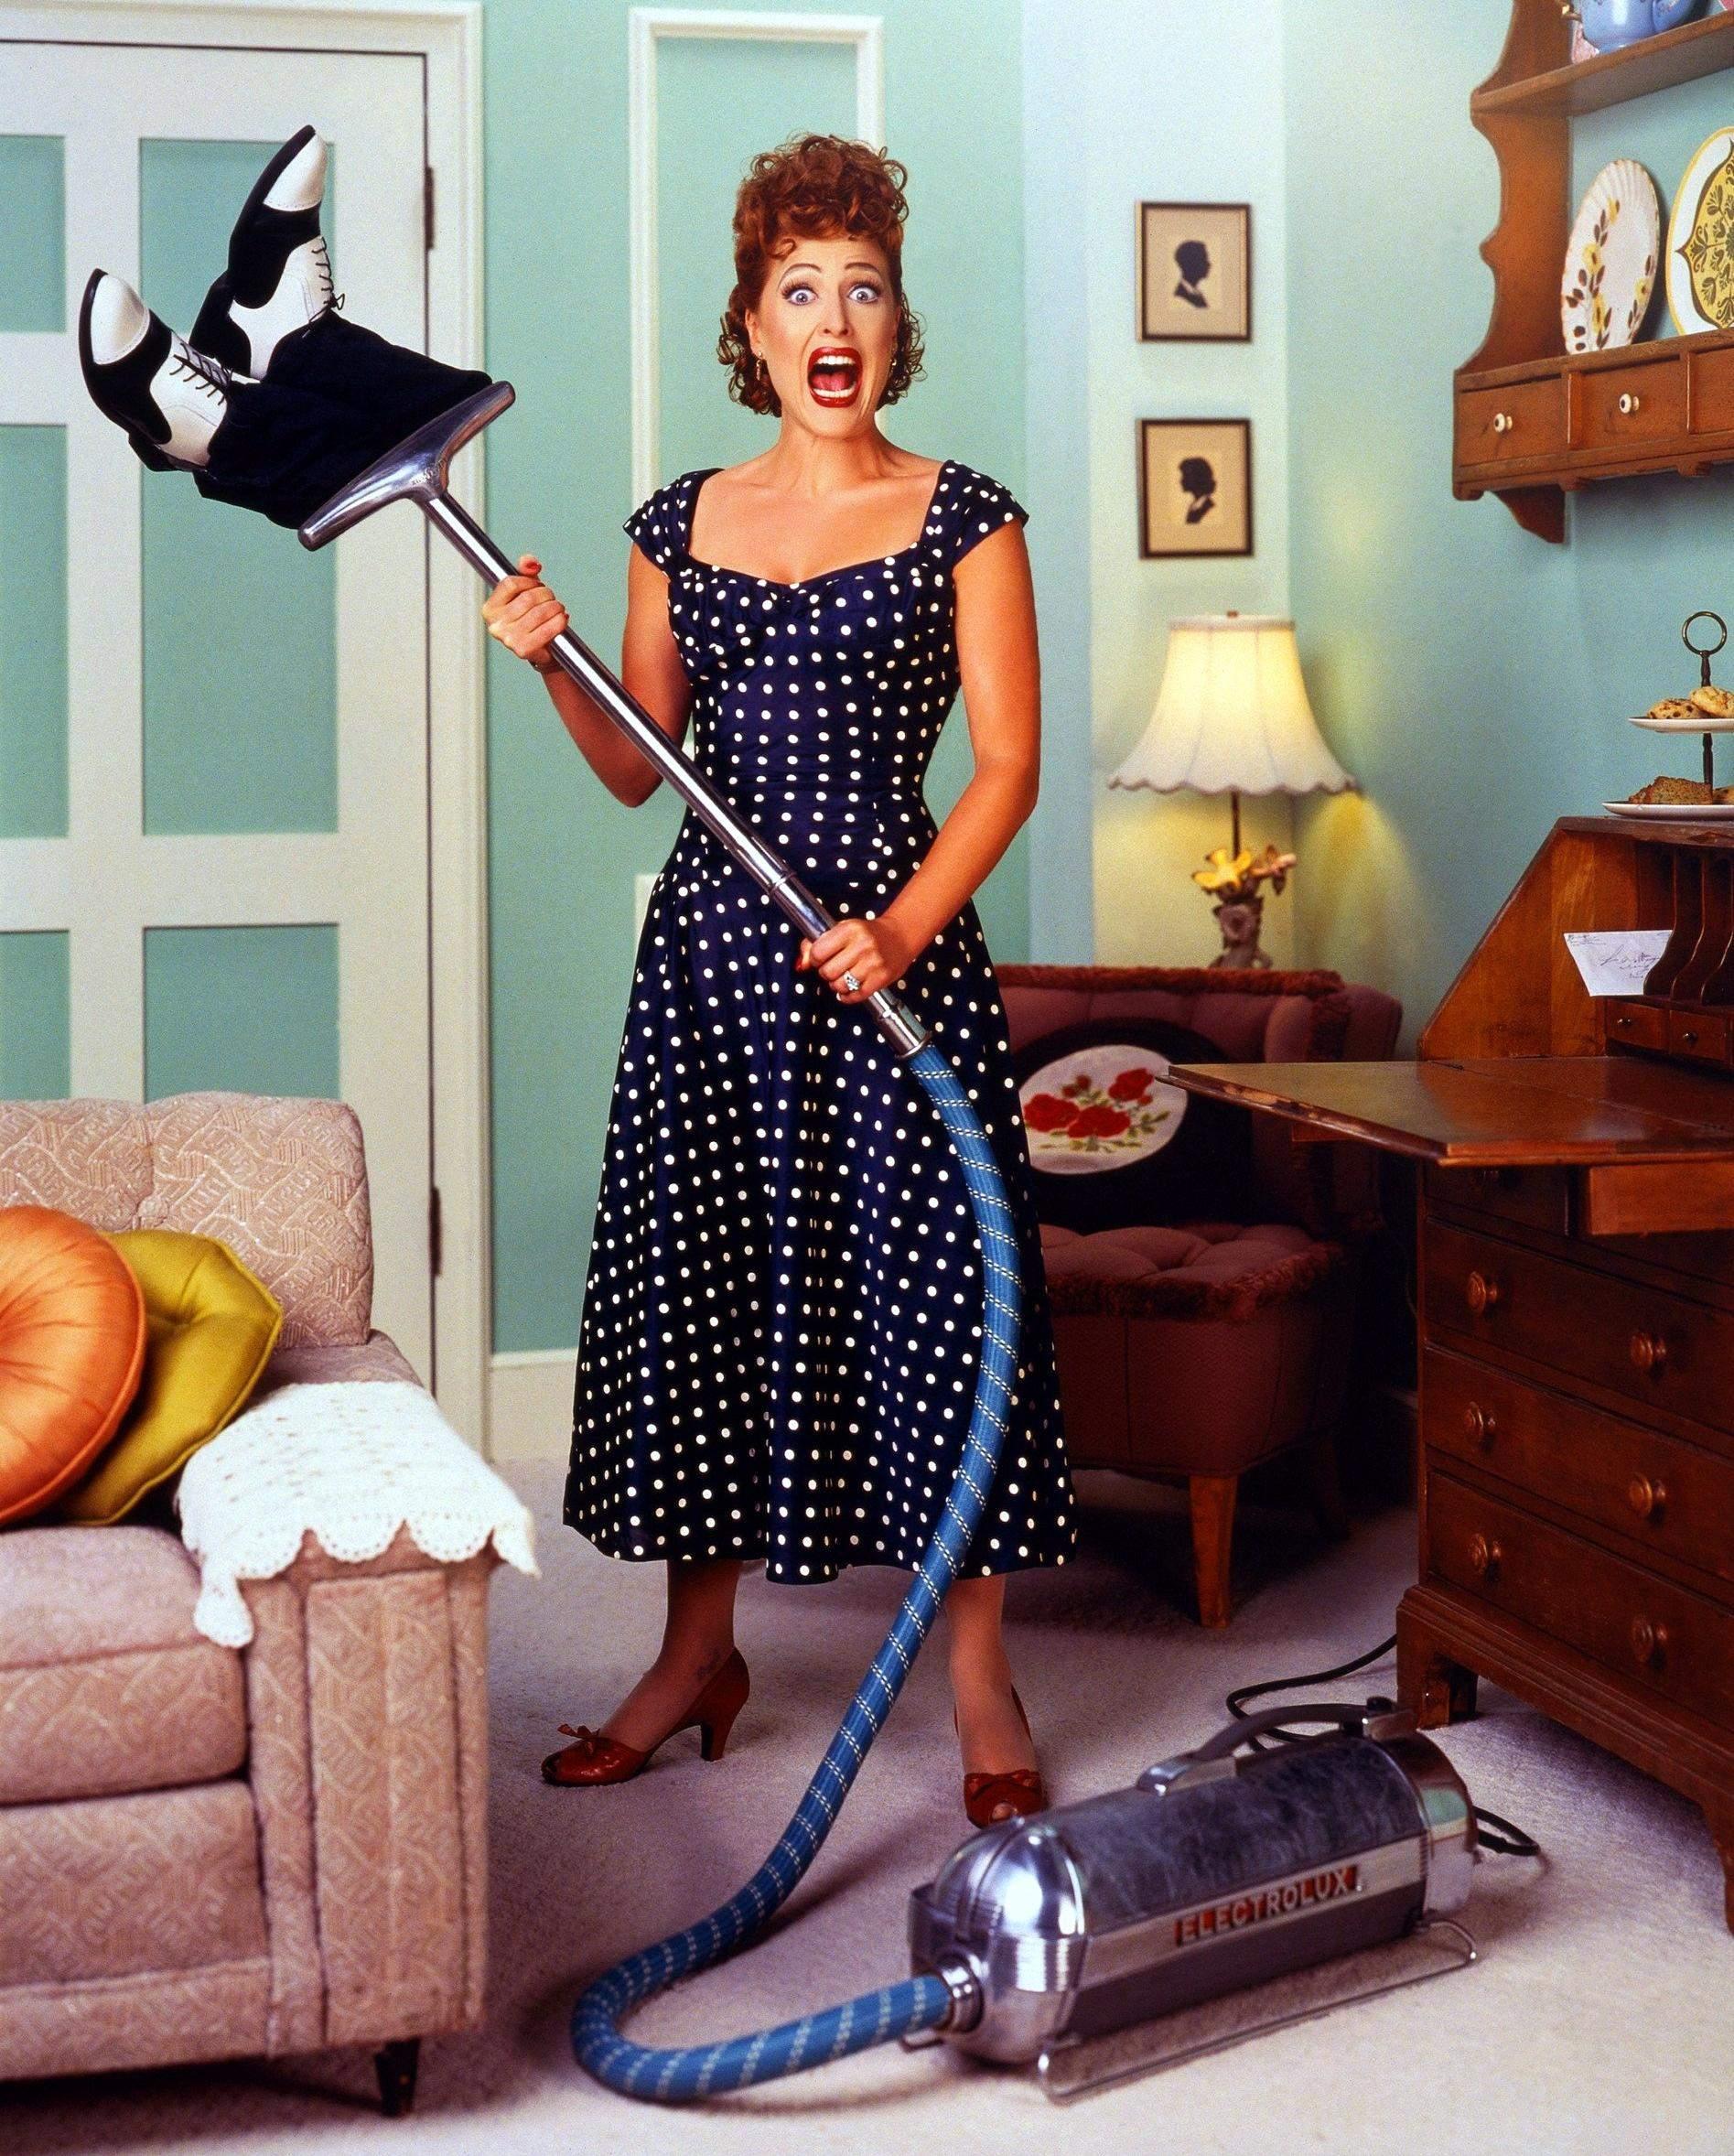 Фото женщин делающих уборку